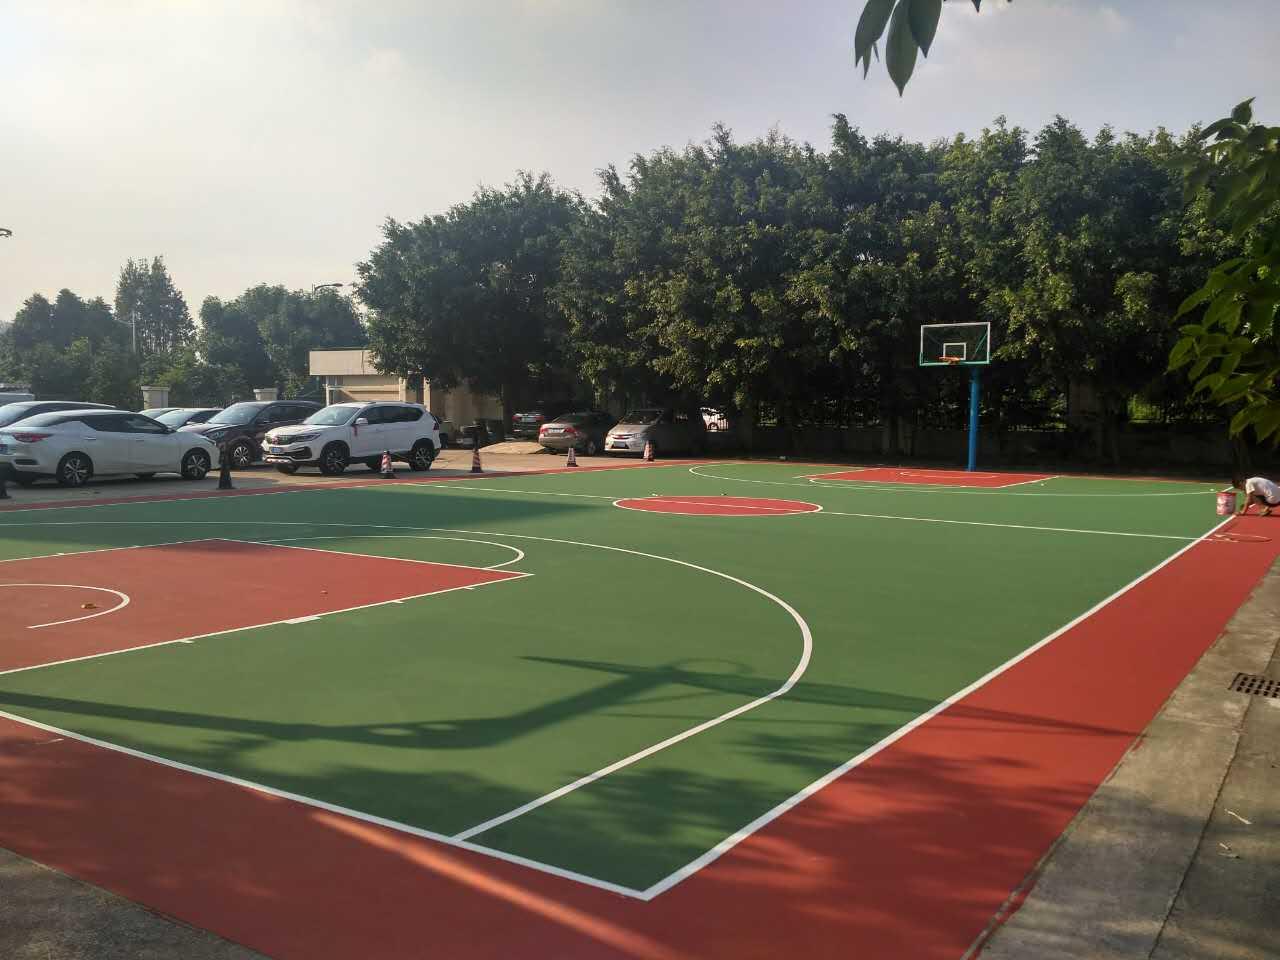 中山市奥美森智能设备有限公司 宿舍区室外丙烯酸篮球场